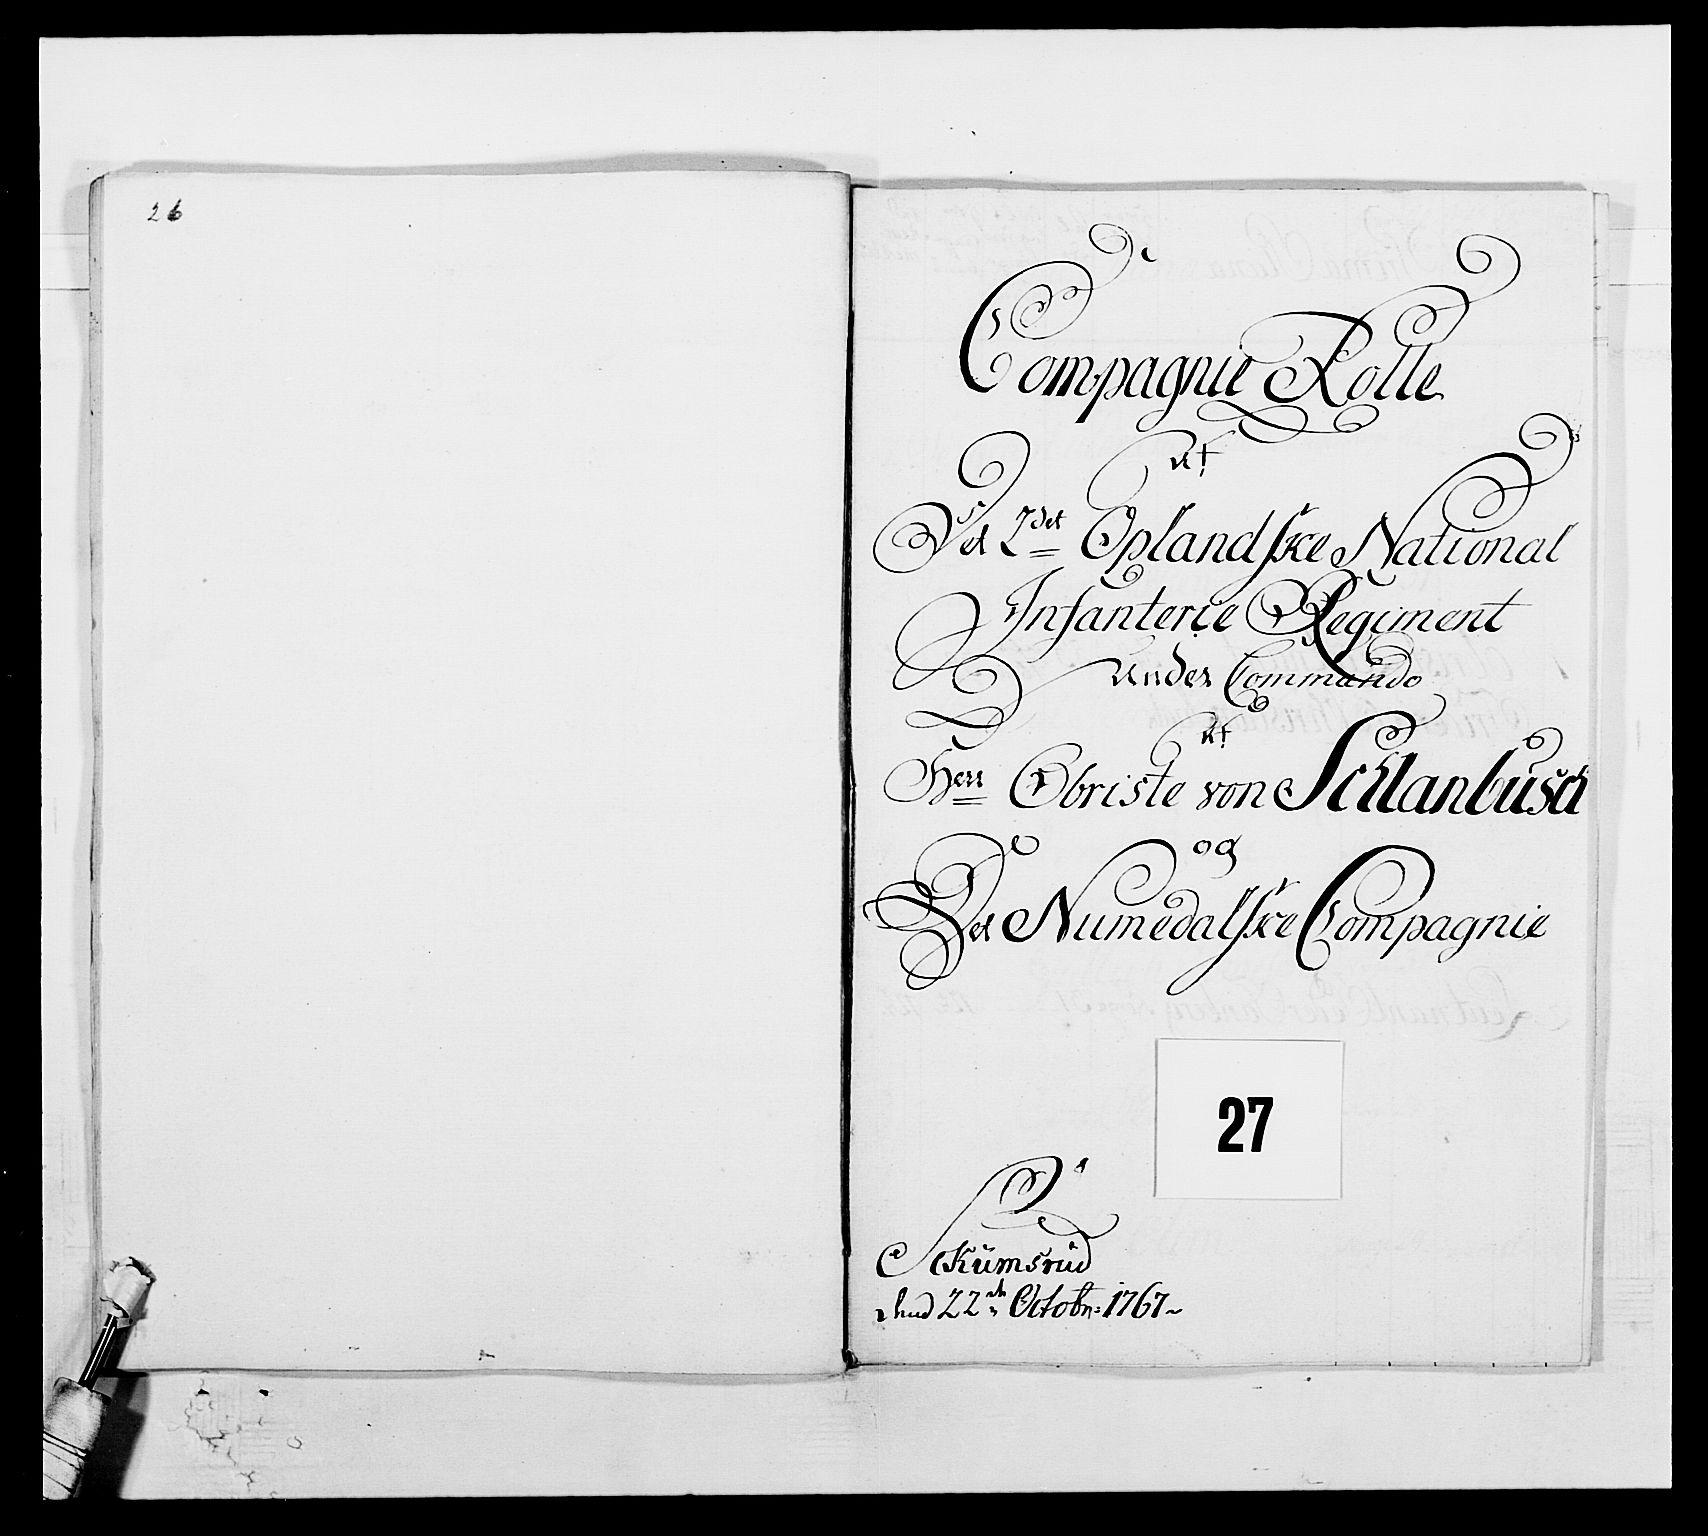 RA, Kommanderende general (KG I) med Det norske krigsdirektorium, E/Ea/L0507: 2. Opplandske regiment, 1766-1767, p. 589